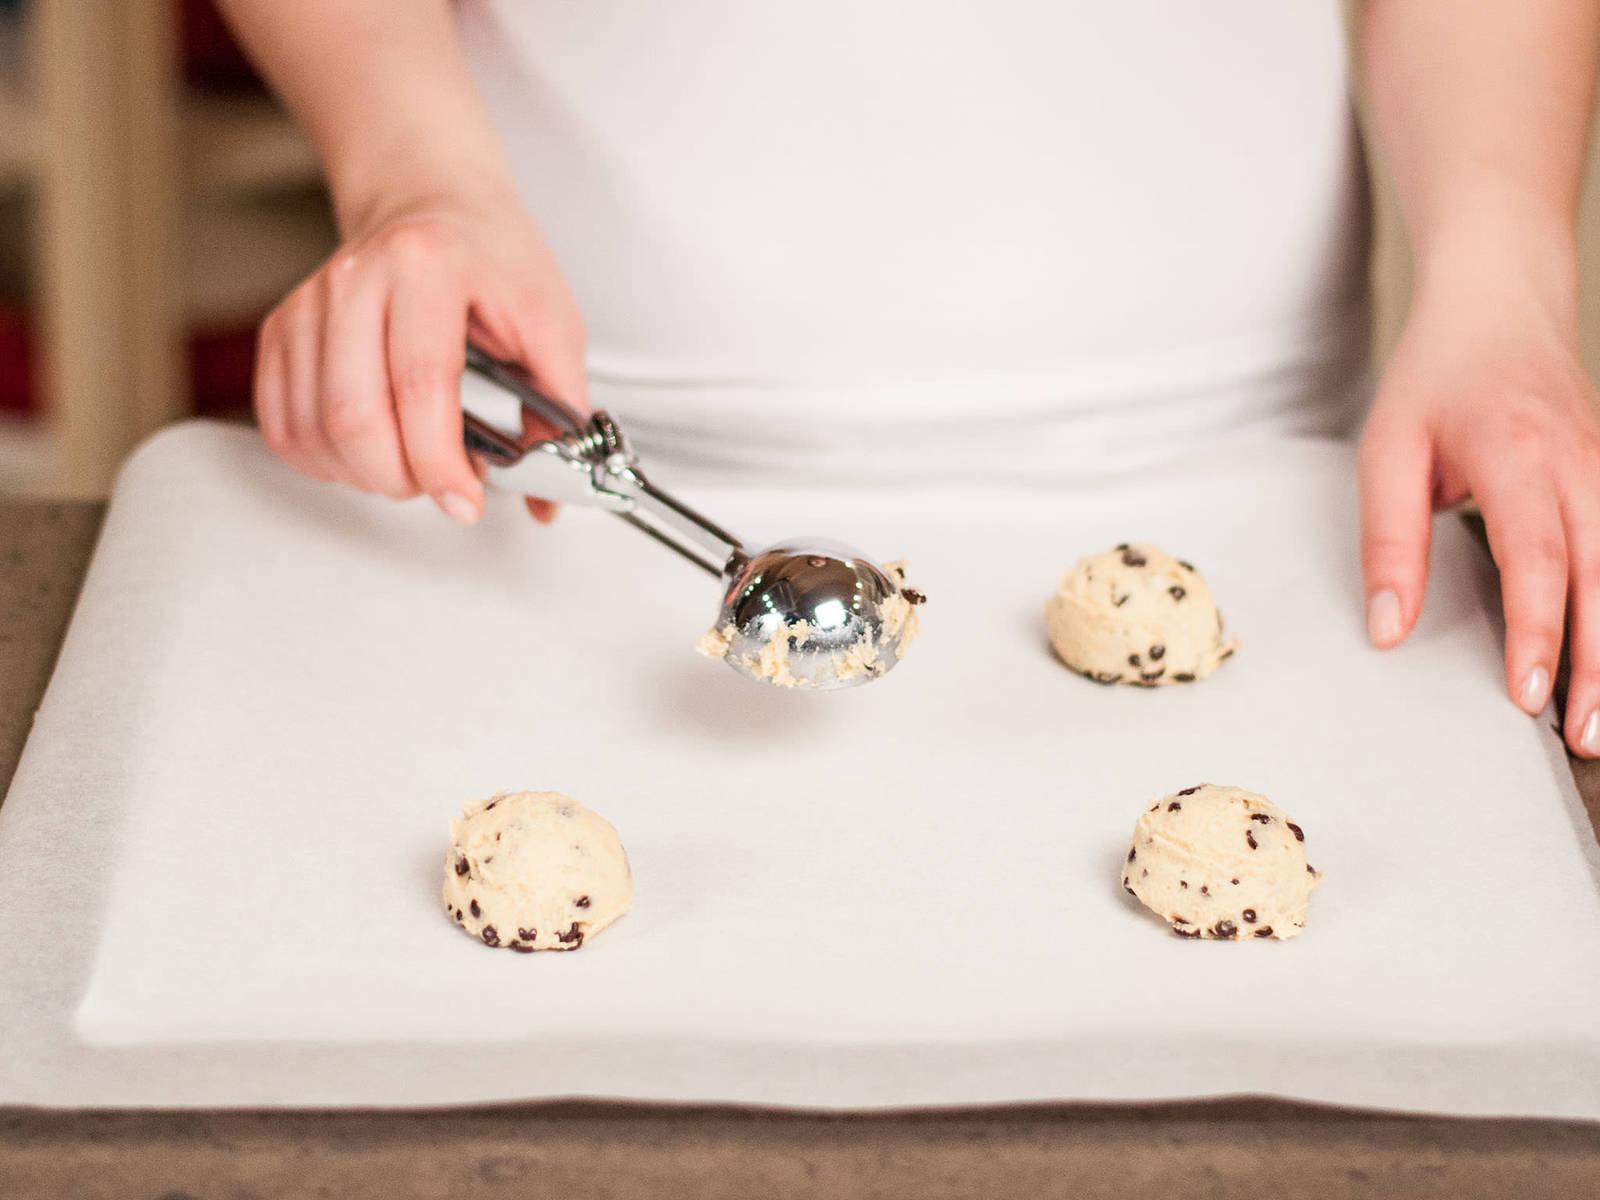 舀一勺面糊到铺好烘培纸的烤盘上,每两块饼干之间留出足够的距离,并用勺背轻轻压扁。放入预热好的烤箱中,以180摄氏度烤10-12分钟至呈金黄色。曲奇中间应是软的,冷却10分钟左右后即可享用。